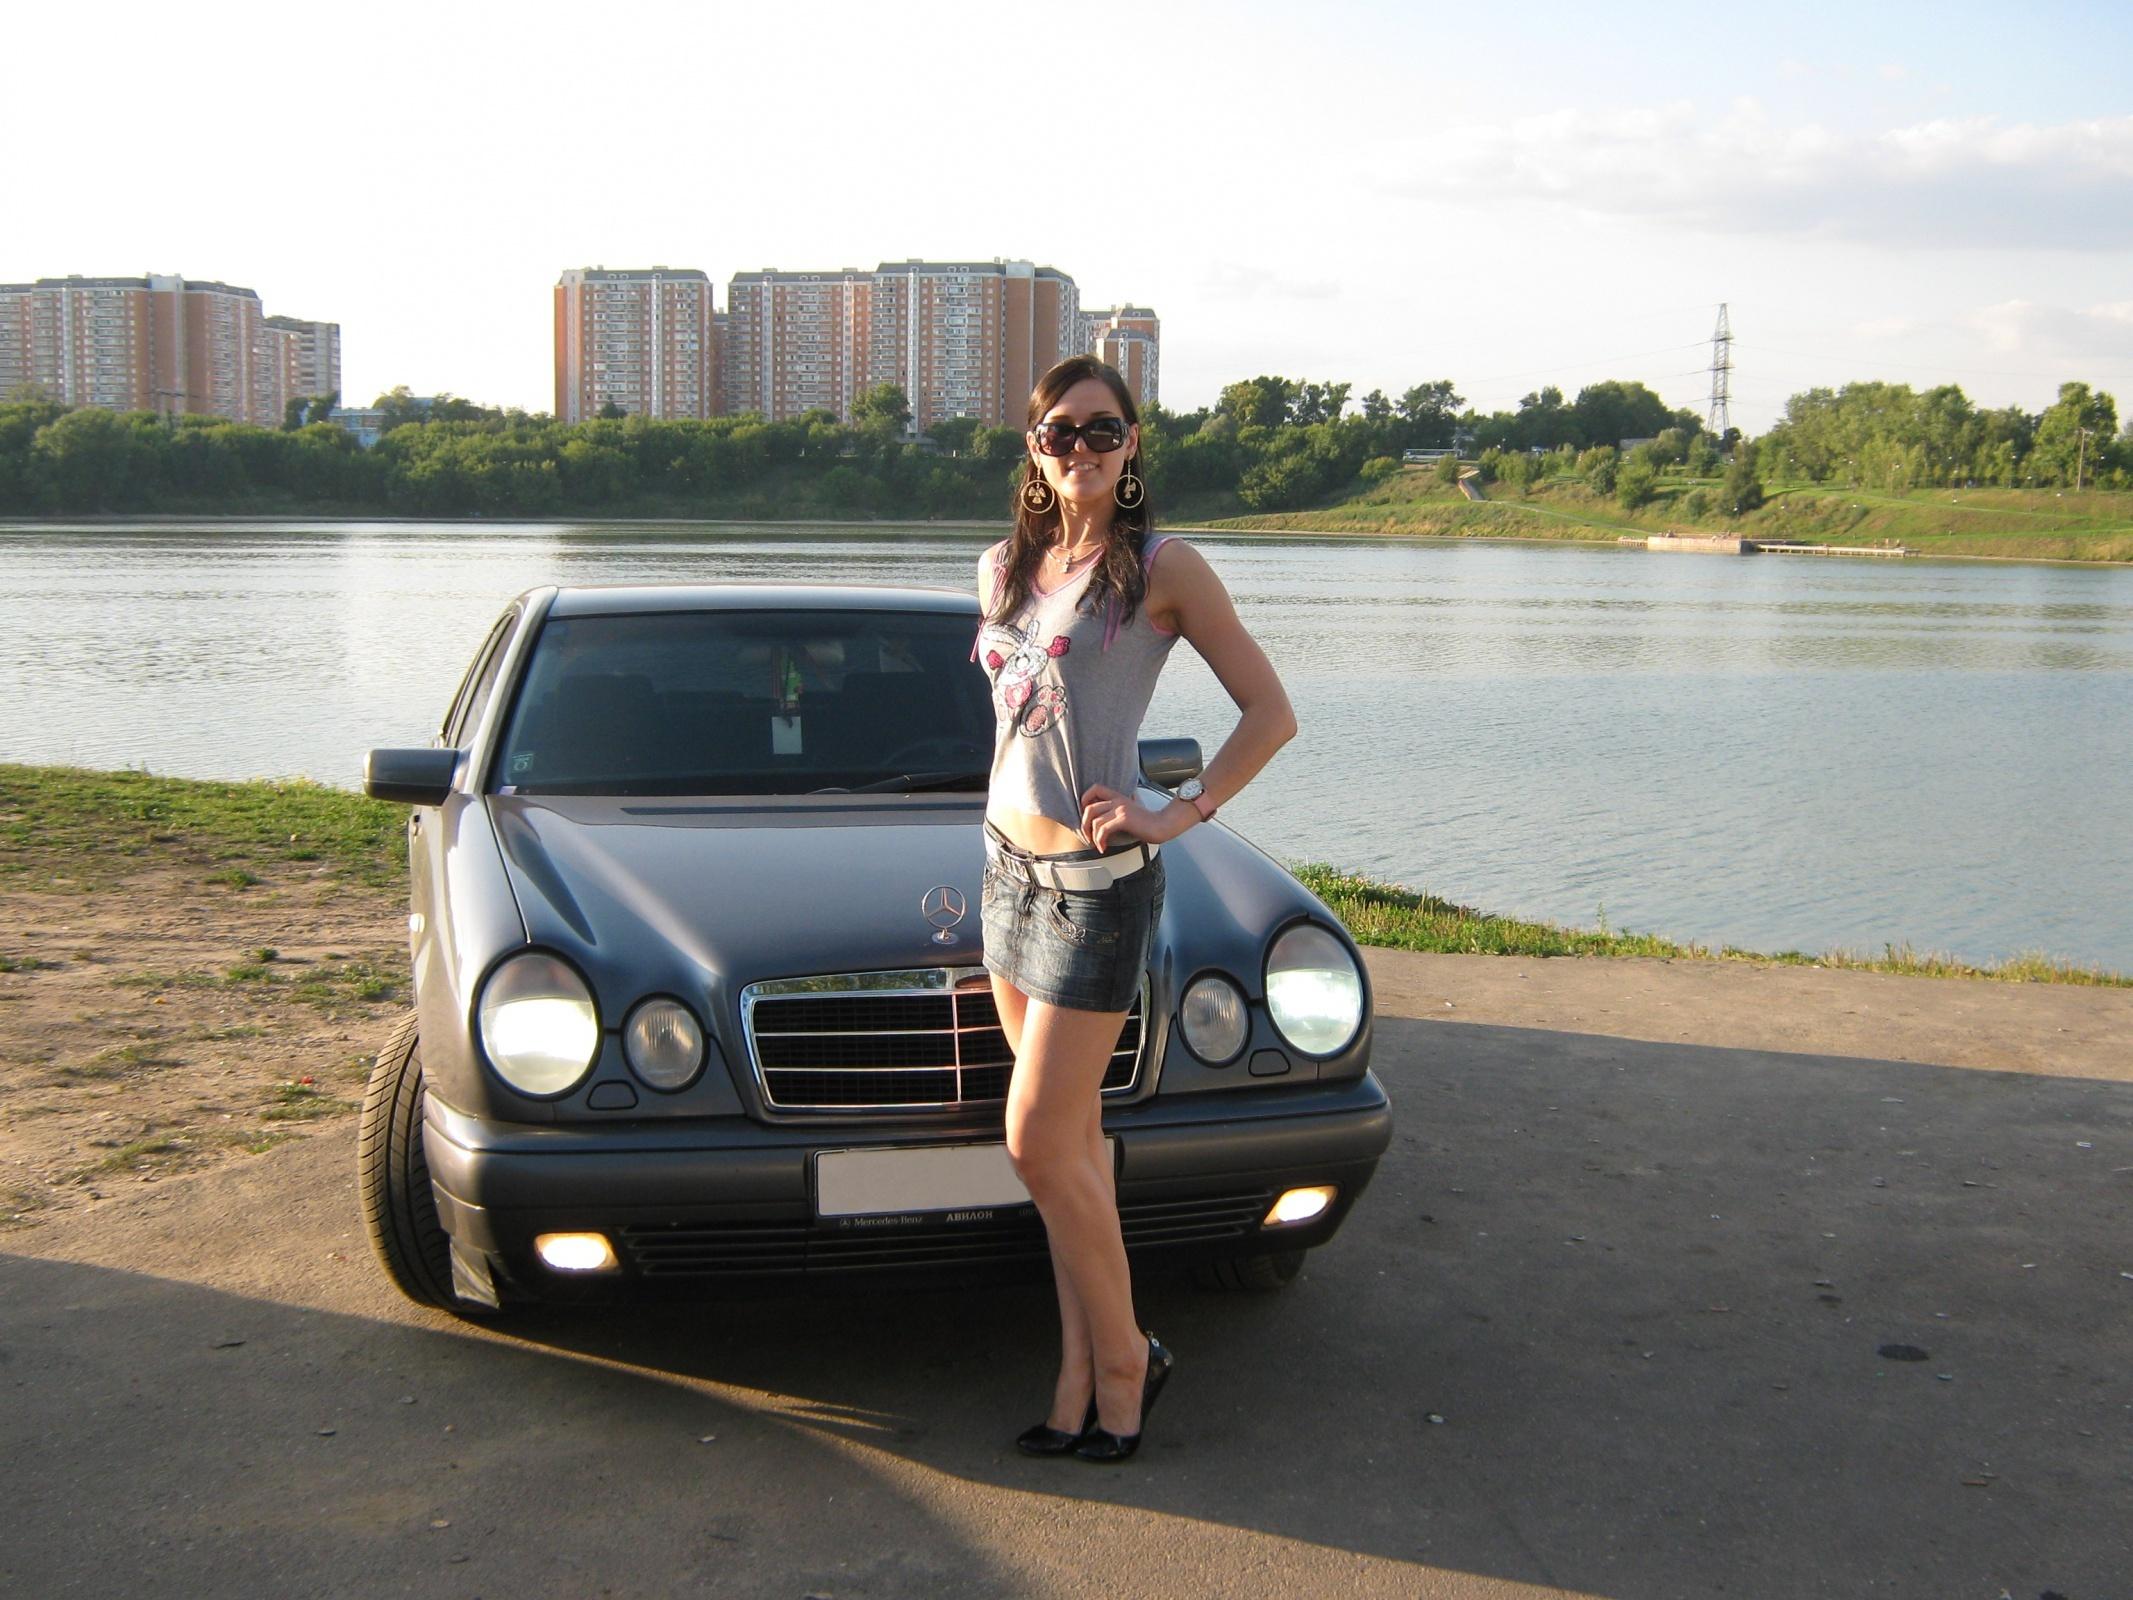 домашнее фото девушек возле авто концу моего отдыха